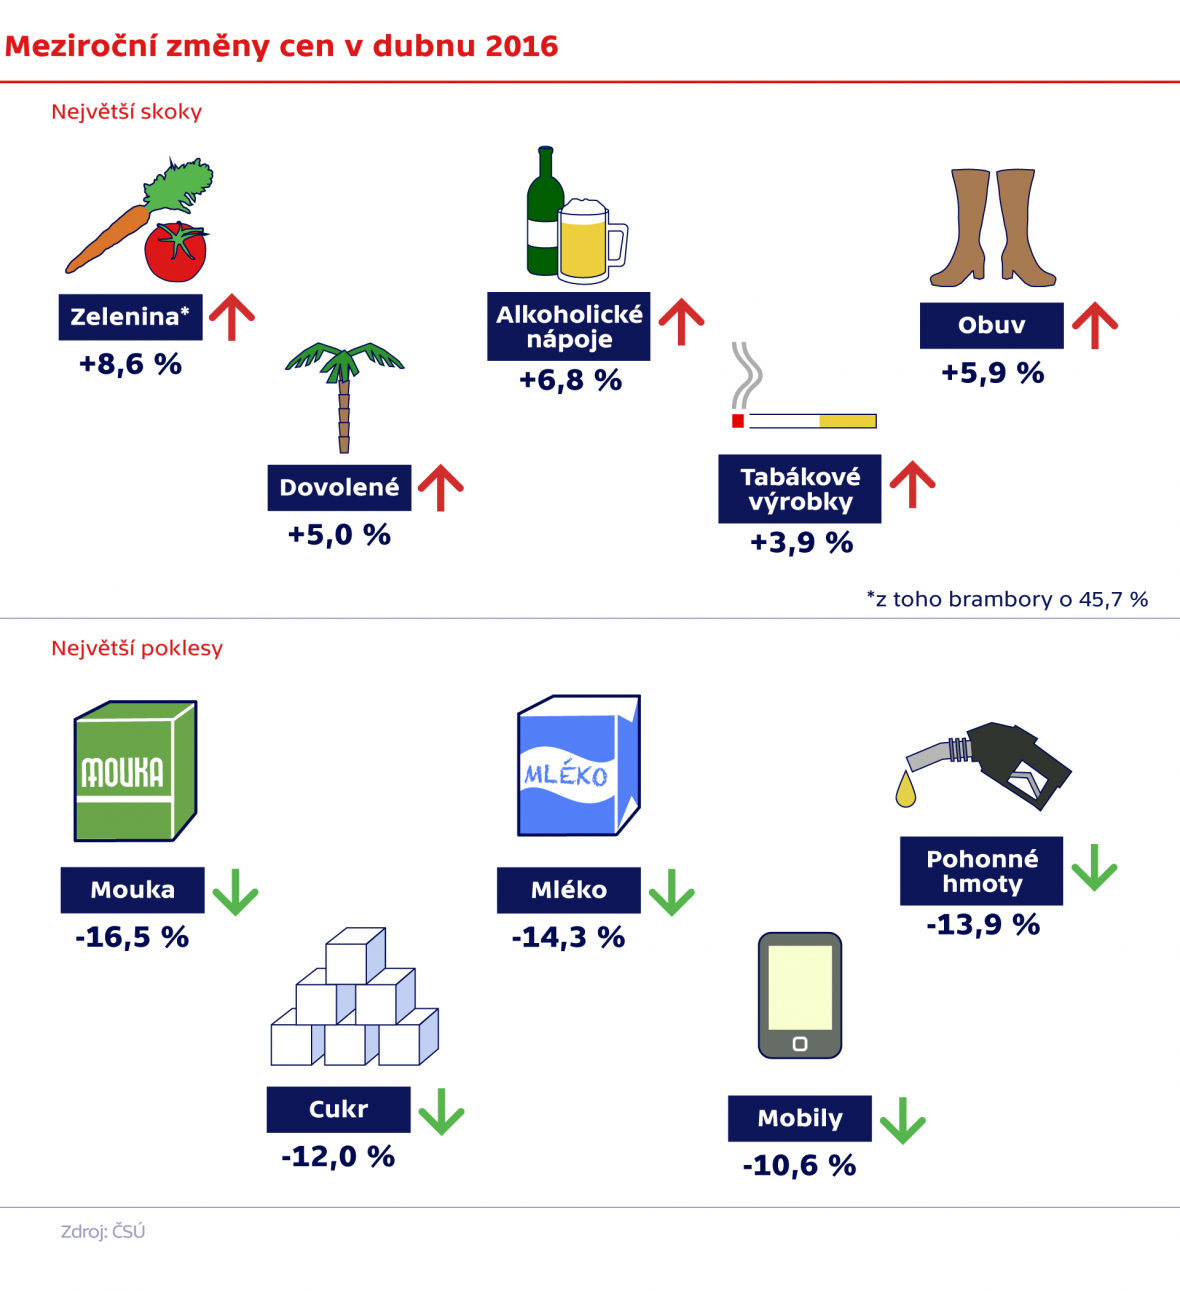 Meziroční změny cen v dubnu 2016